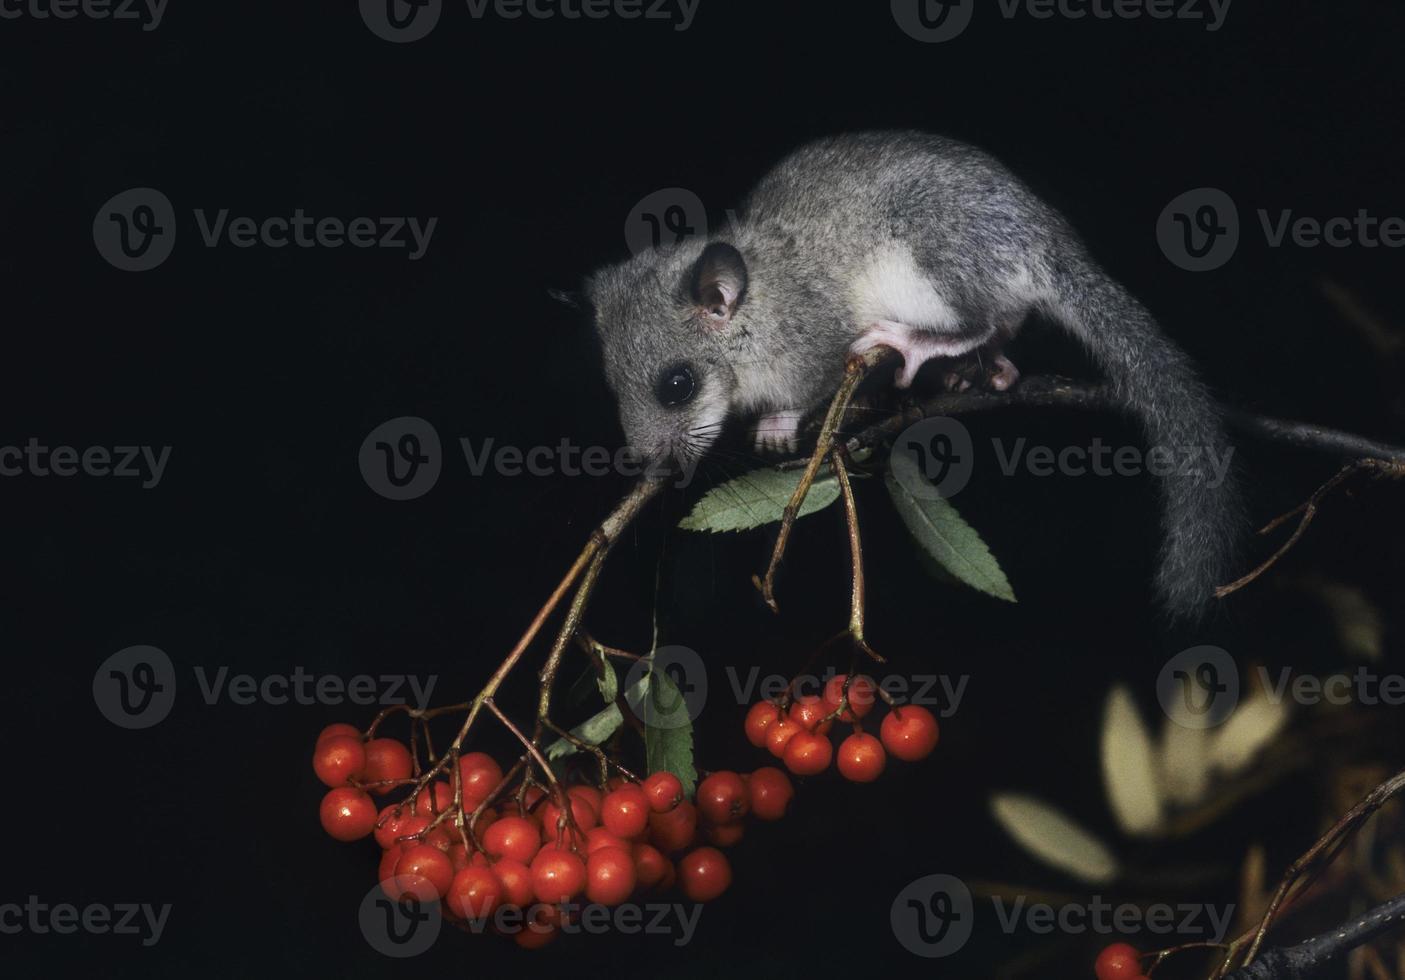 afrikanska pygmy ekorre som föder bär foto